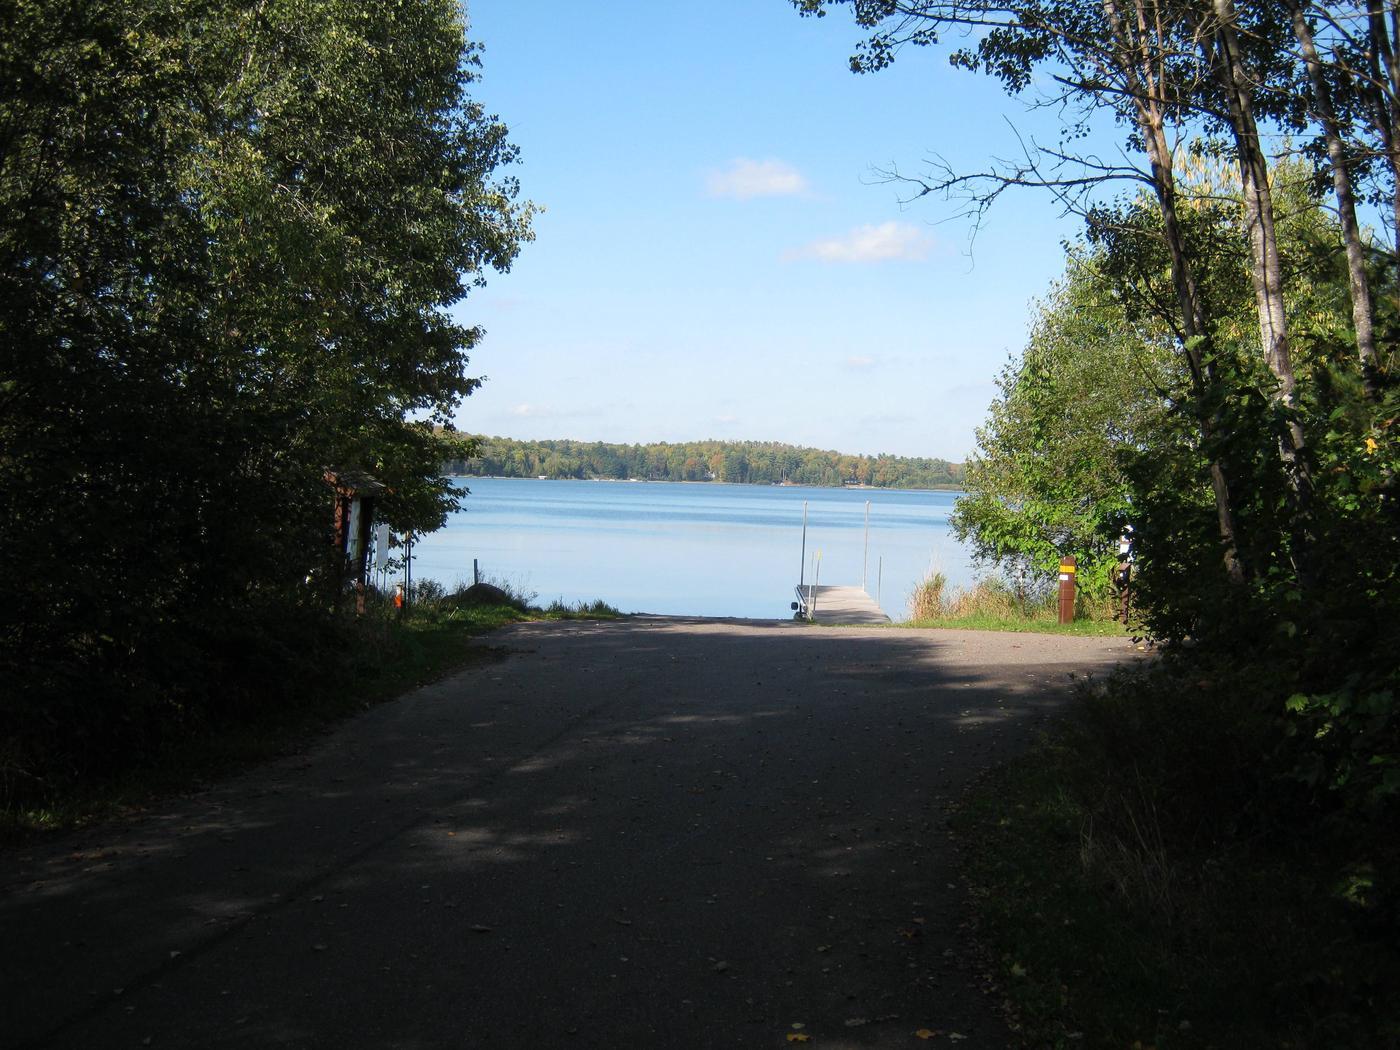 Anvil Lake Boat LandingBoat landing at Anvil Lake Campground